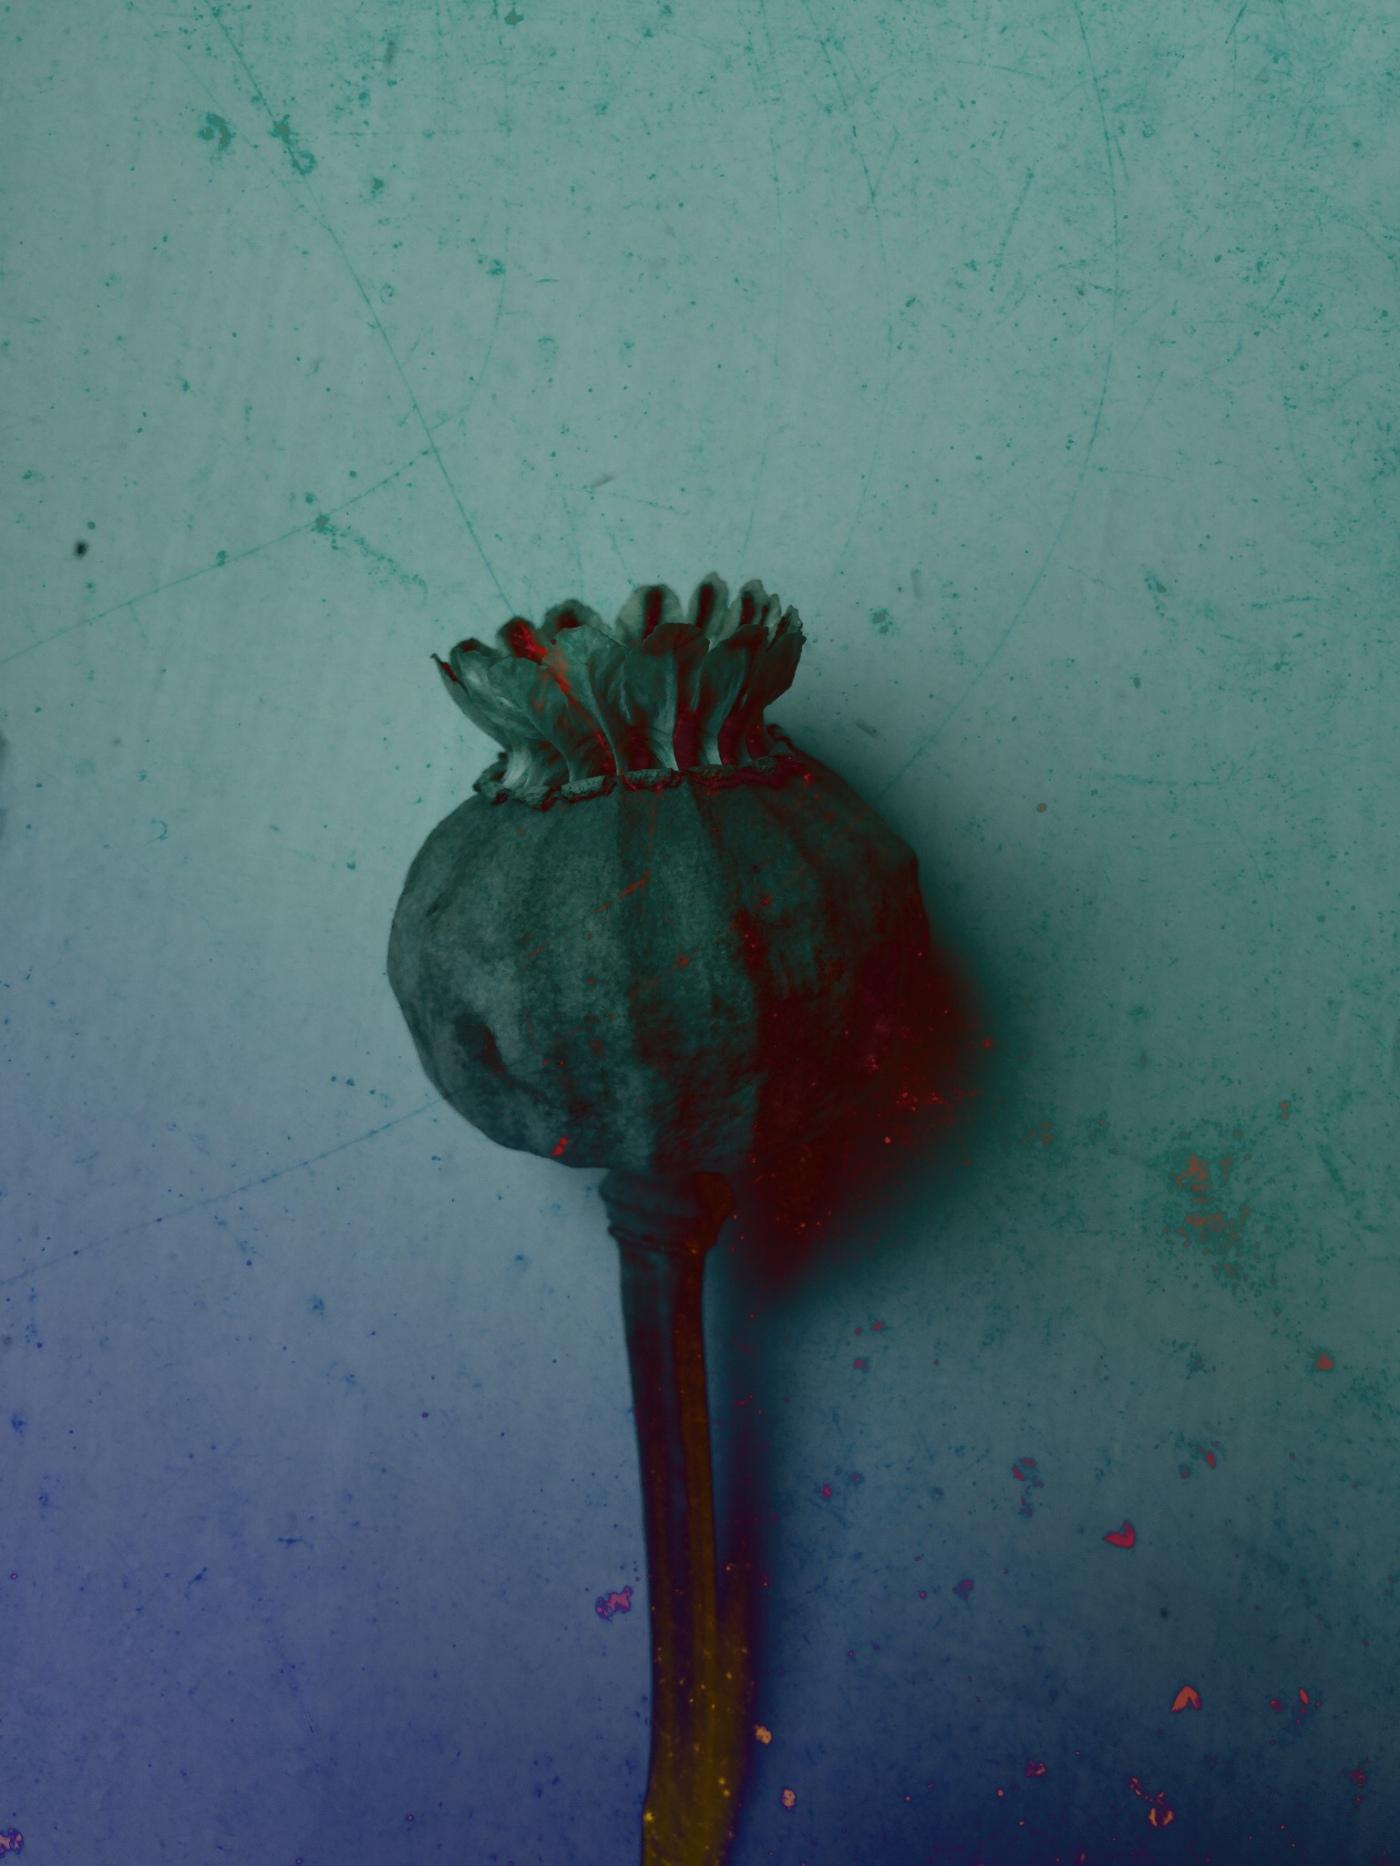 Blue Poppy by inkydigit